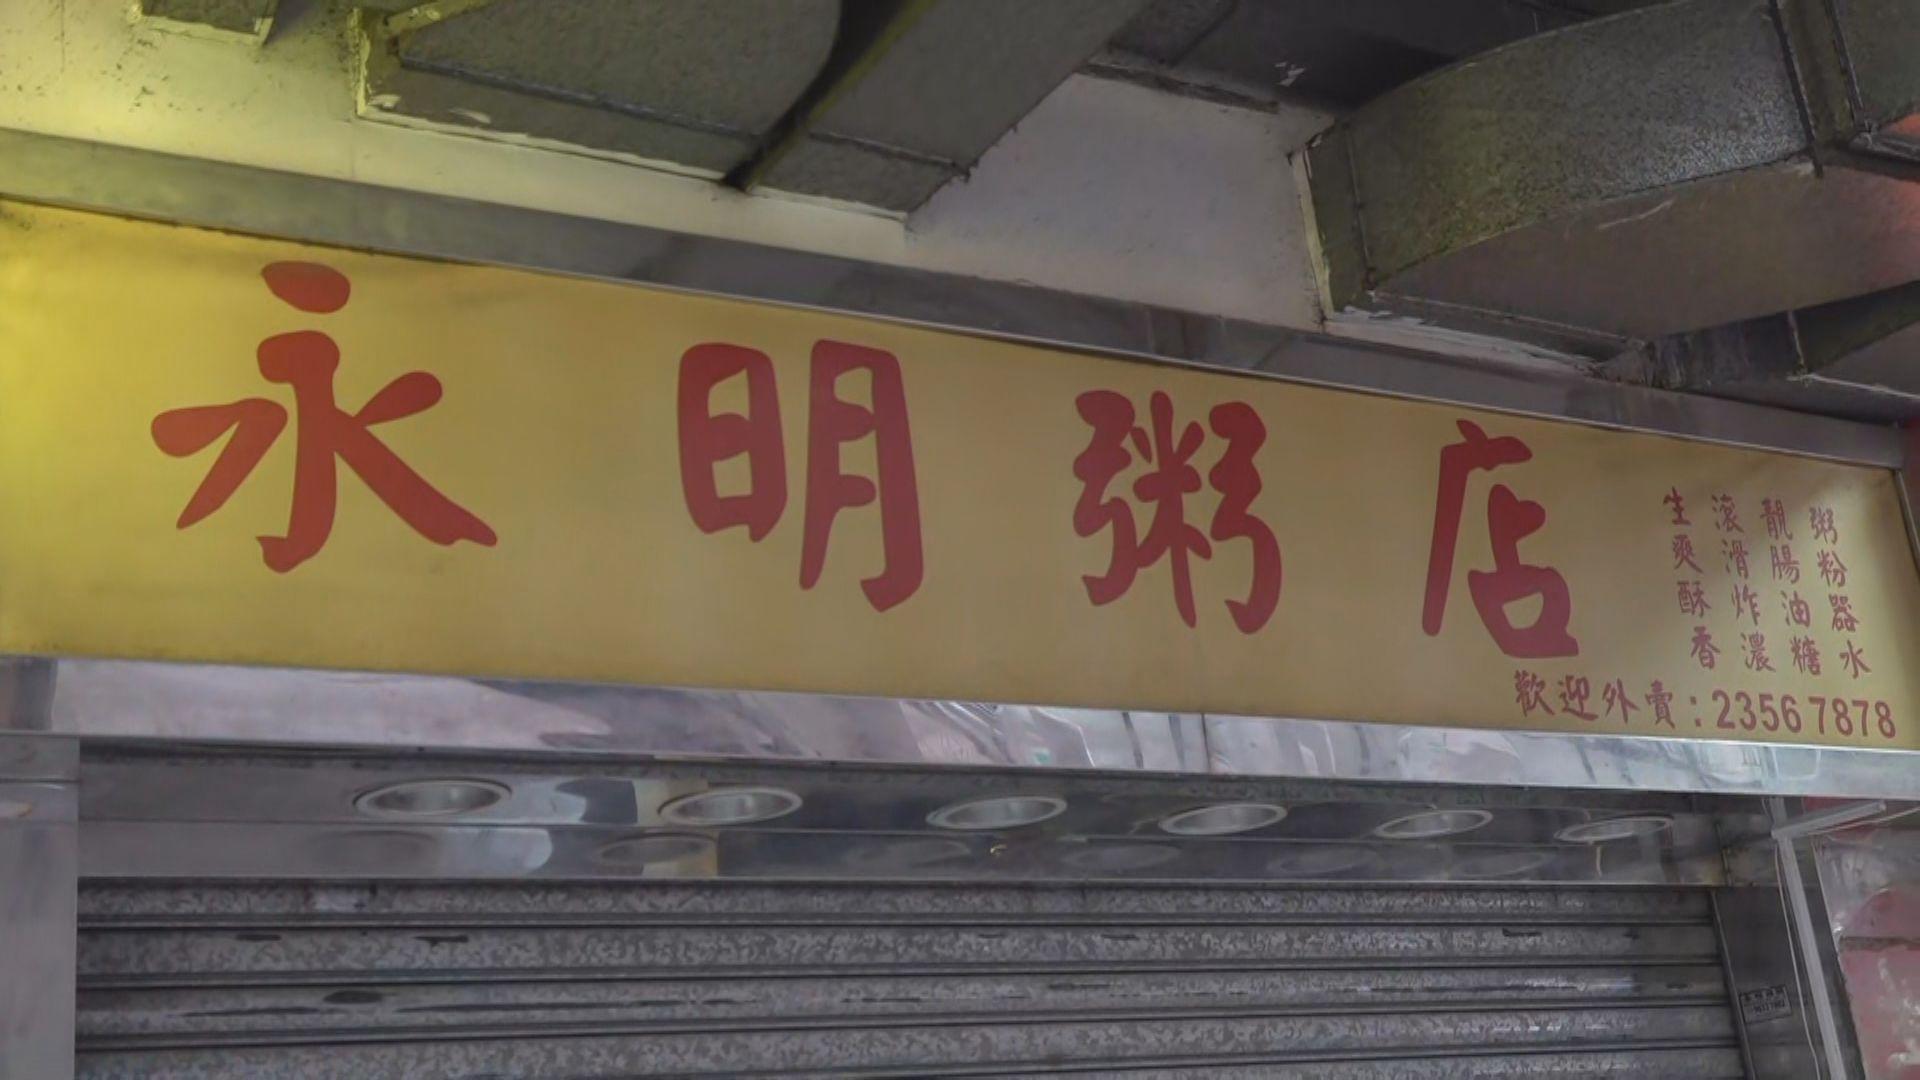 紅磡永明粥店爆感染群組7人染疫 當局籲食客做檢測